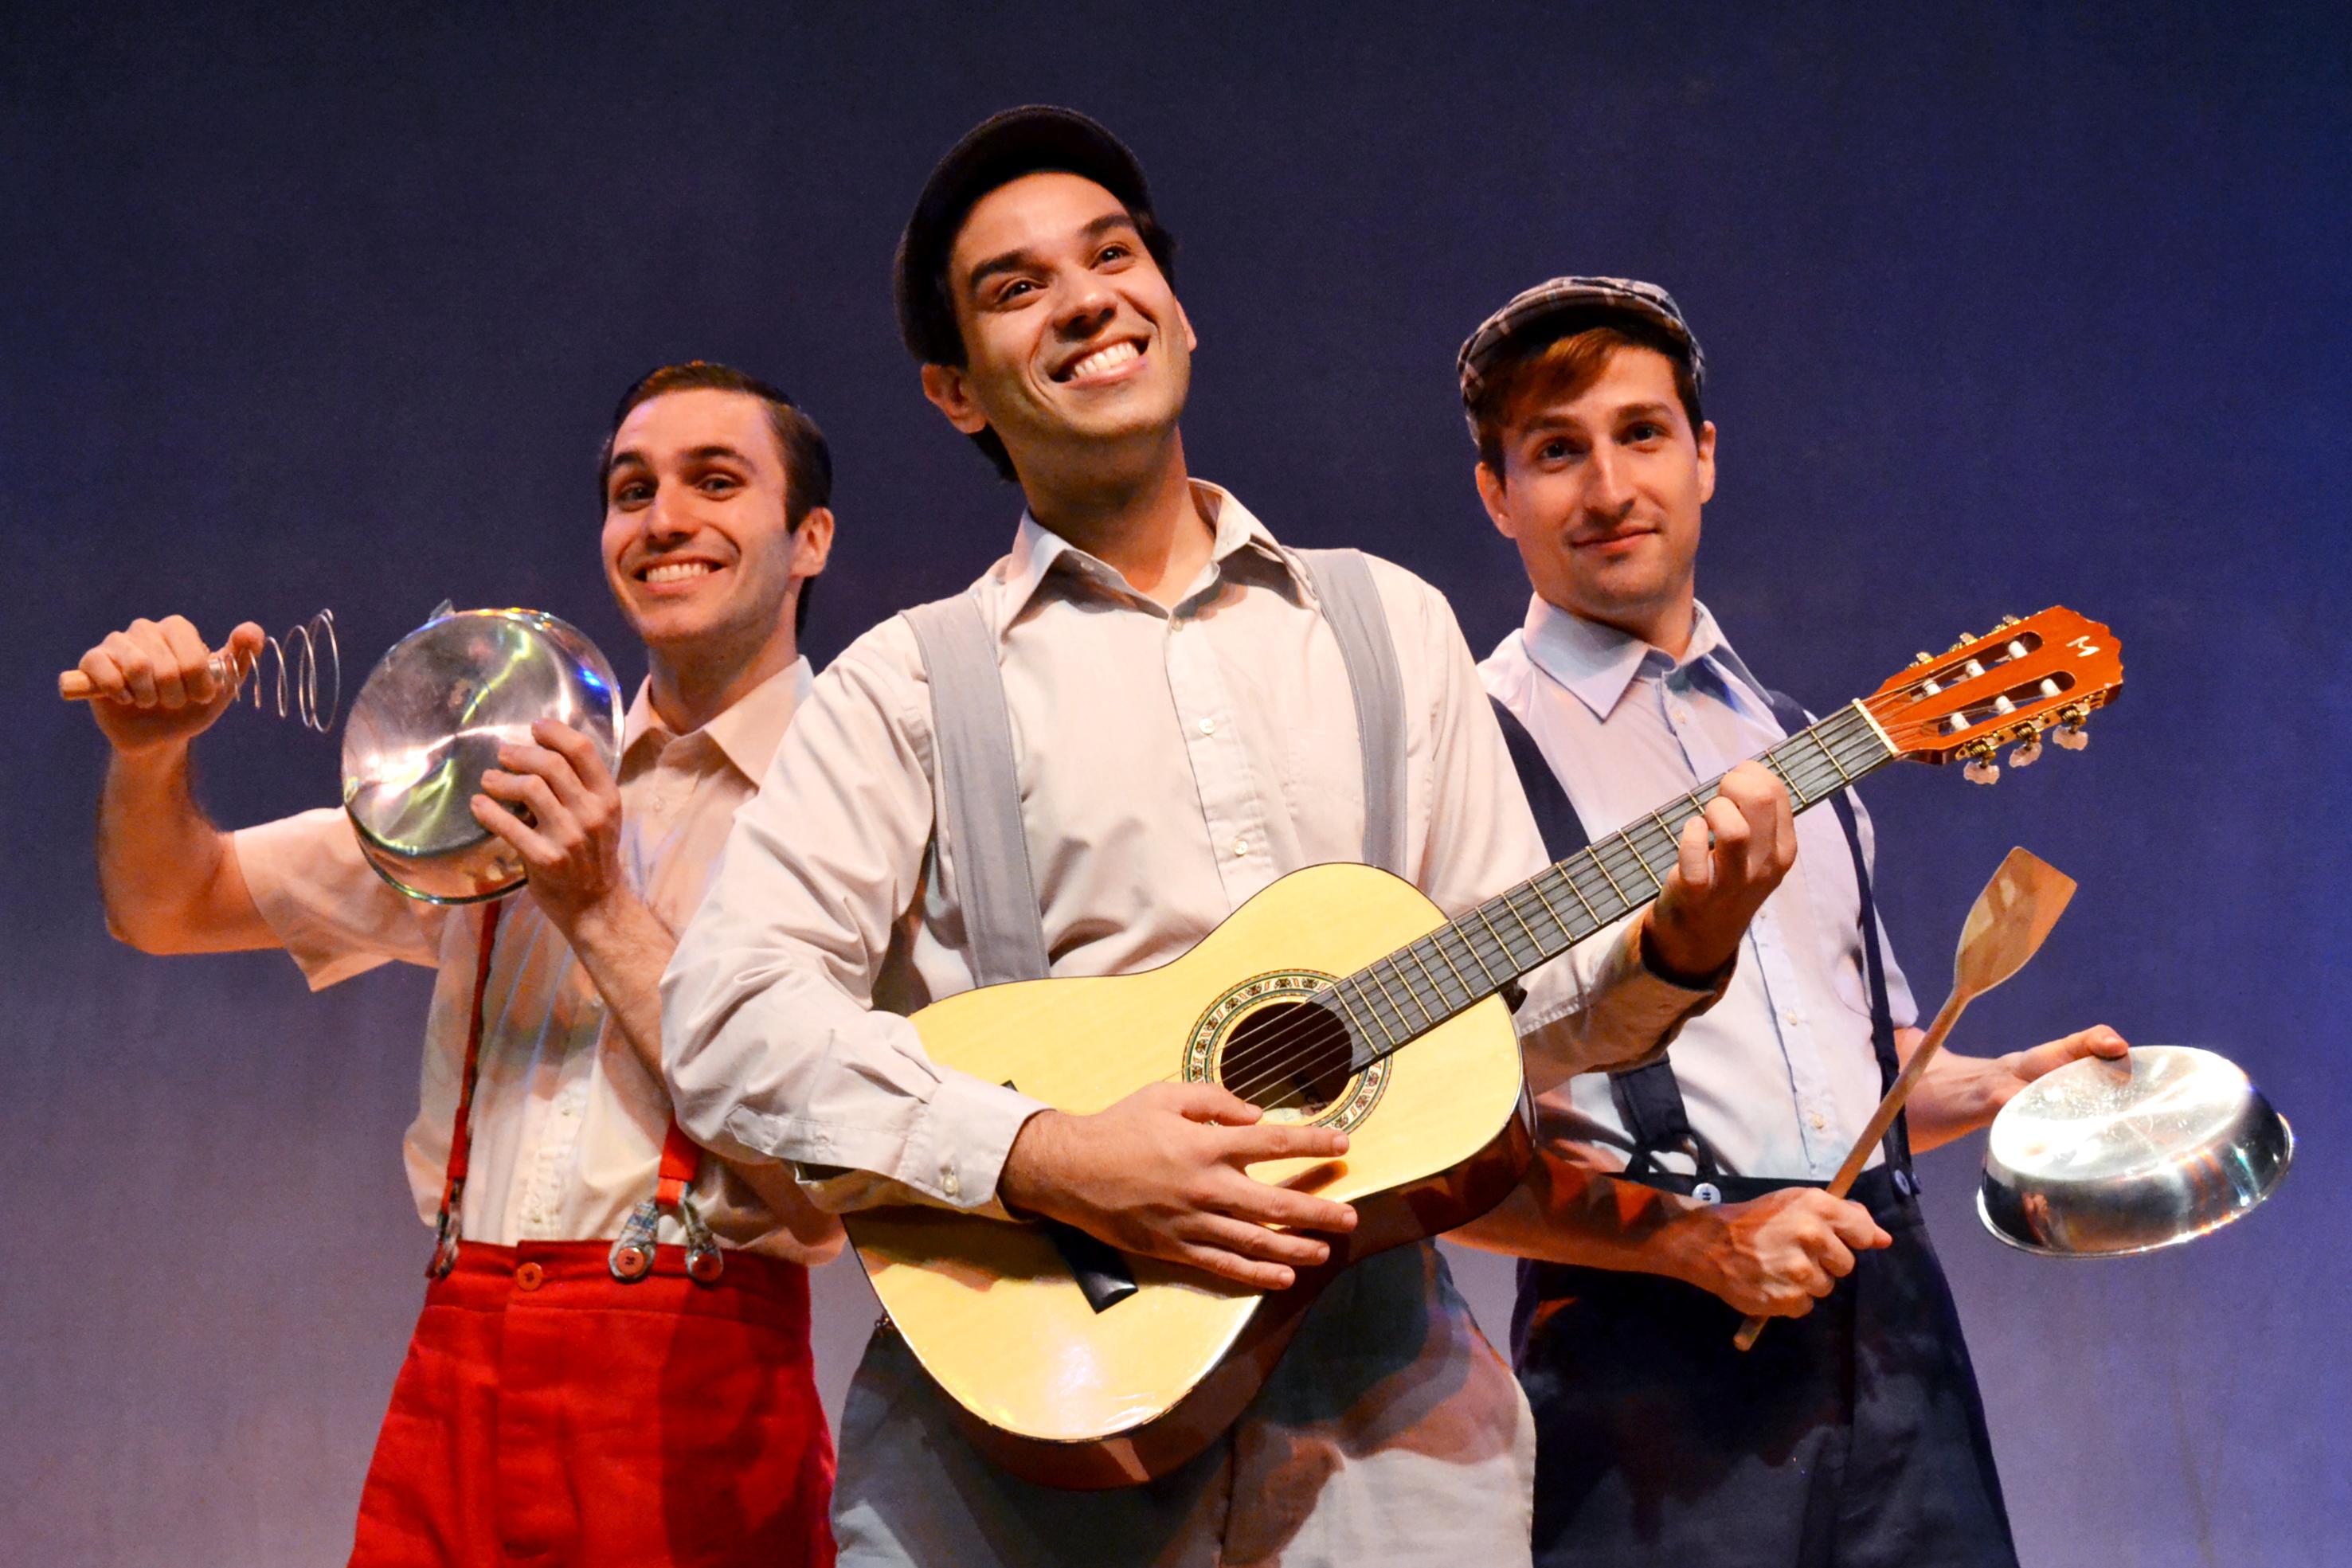 Tres atores no palco, com roupas de época e instrumentos musicais